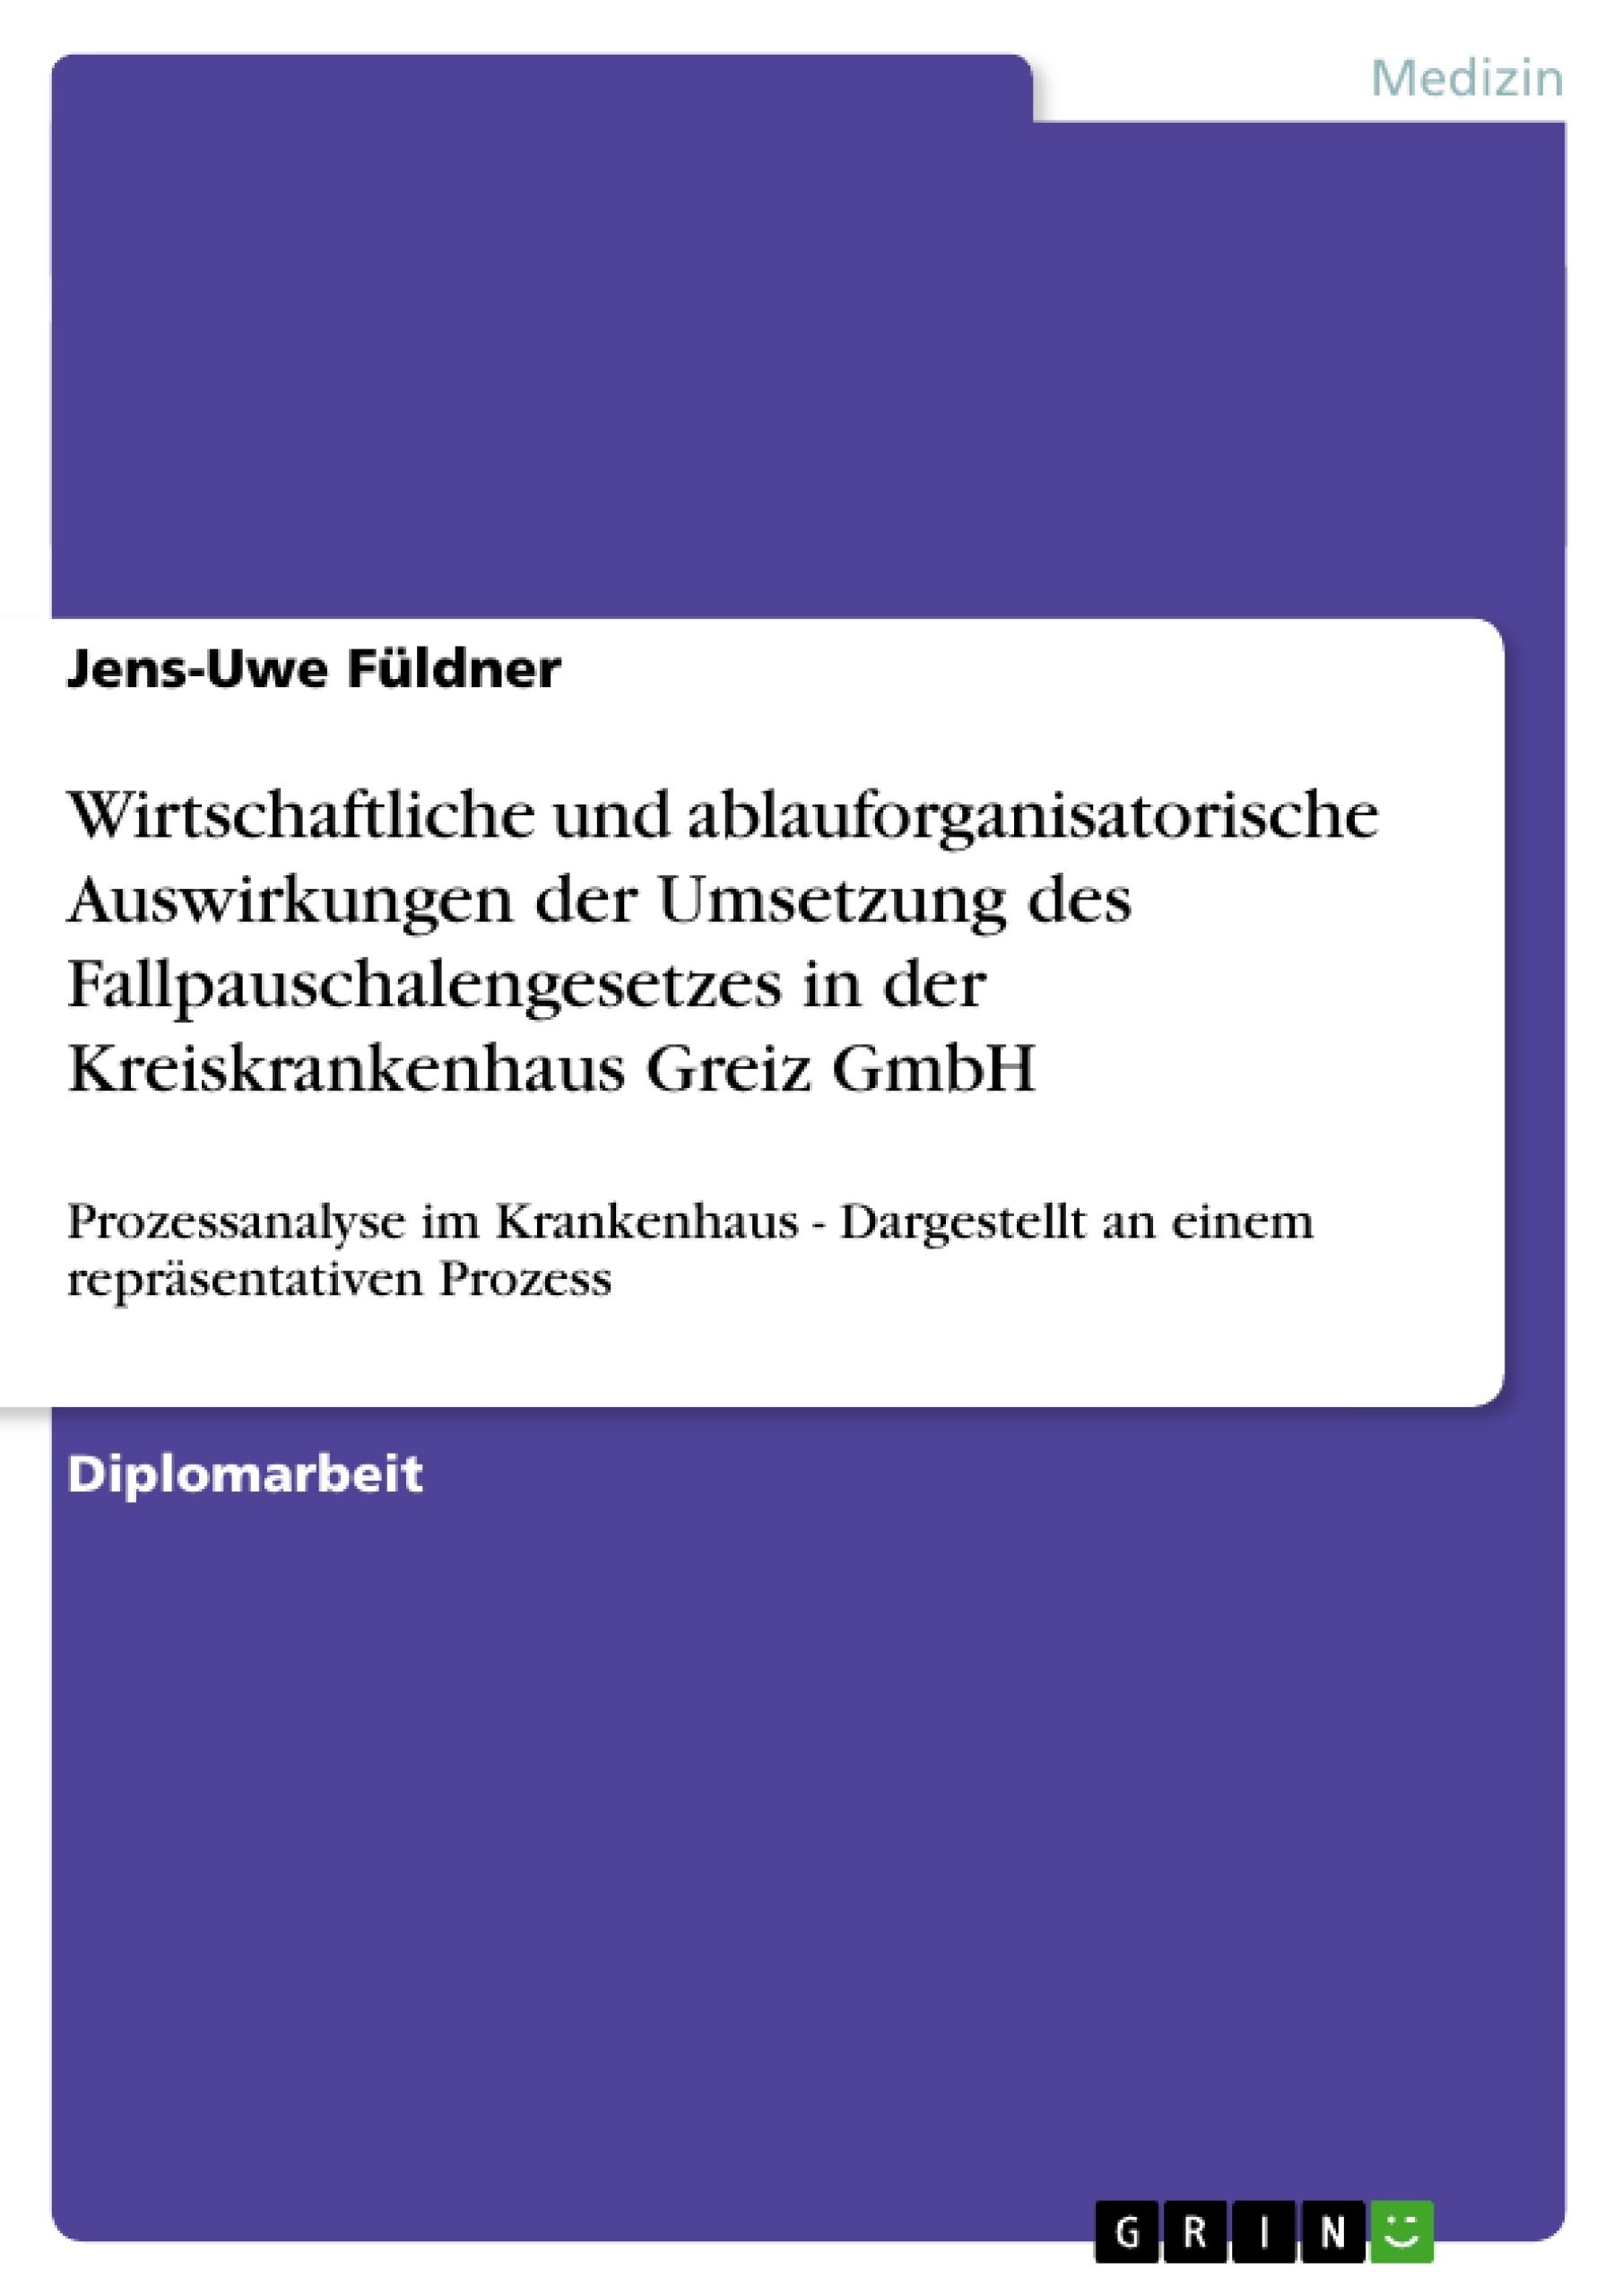 Titel: Wirtschaftliche und ablauforganisatorische Auswirkungen der Umsetzung des Fallpauschalengesetzes in der Kreiskrankenhaus Greiz GmbH